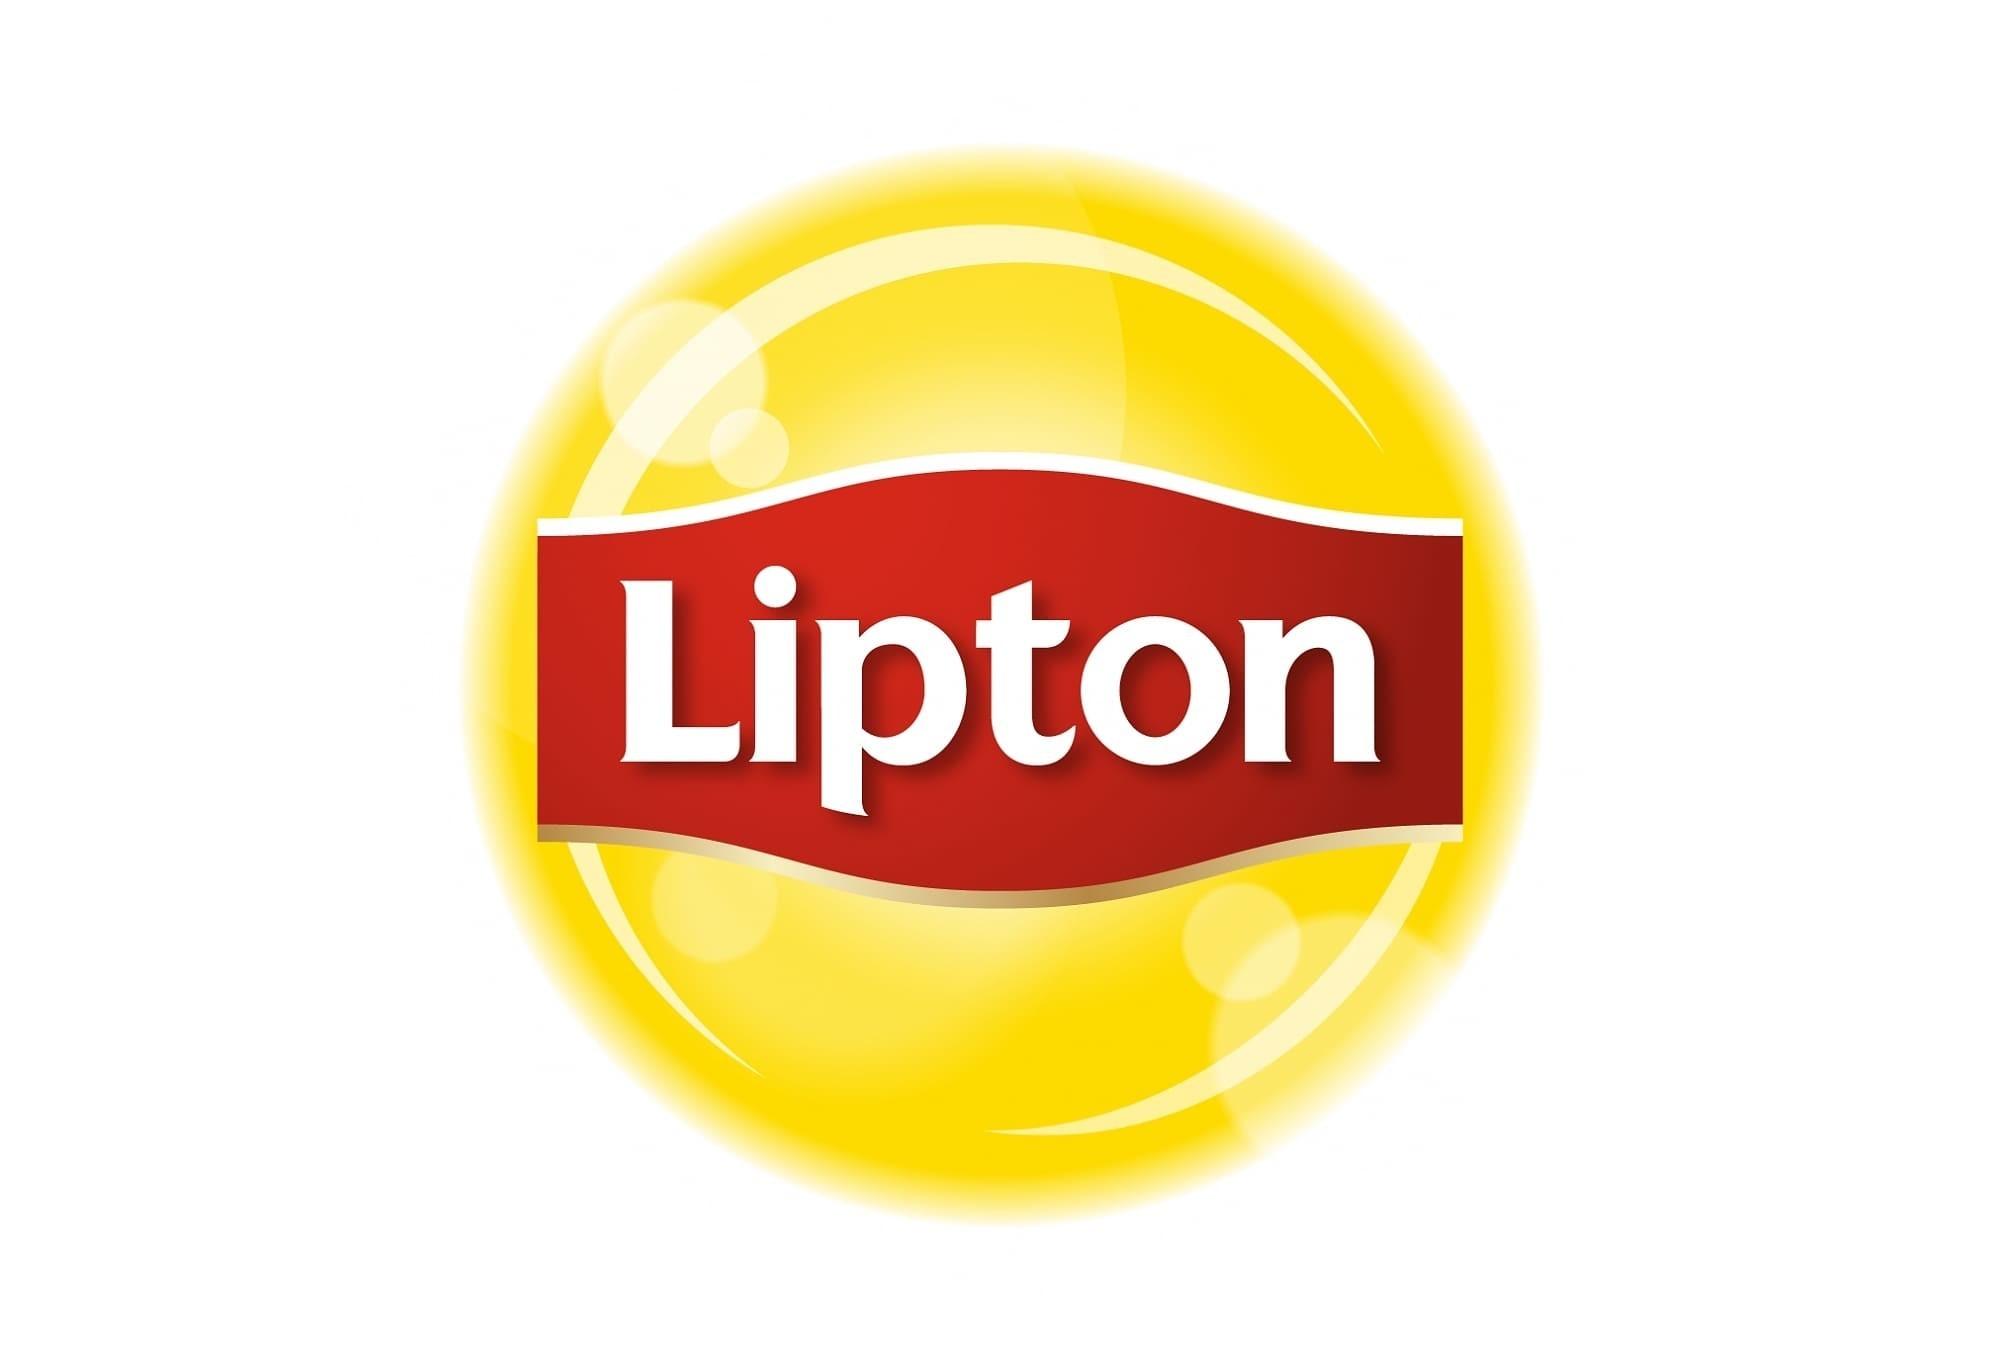 Lipton Tea, 11,/1,836 Cases, Ext. Retail $110,160, Wilmer, TX